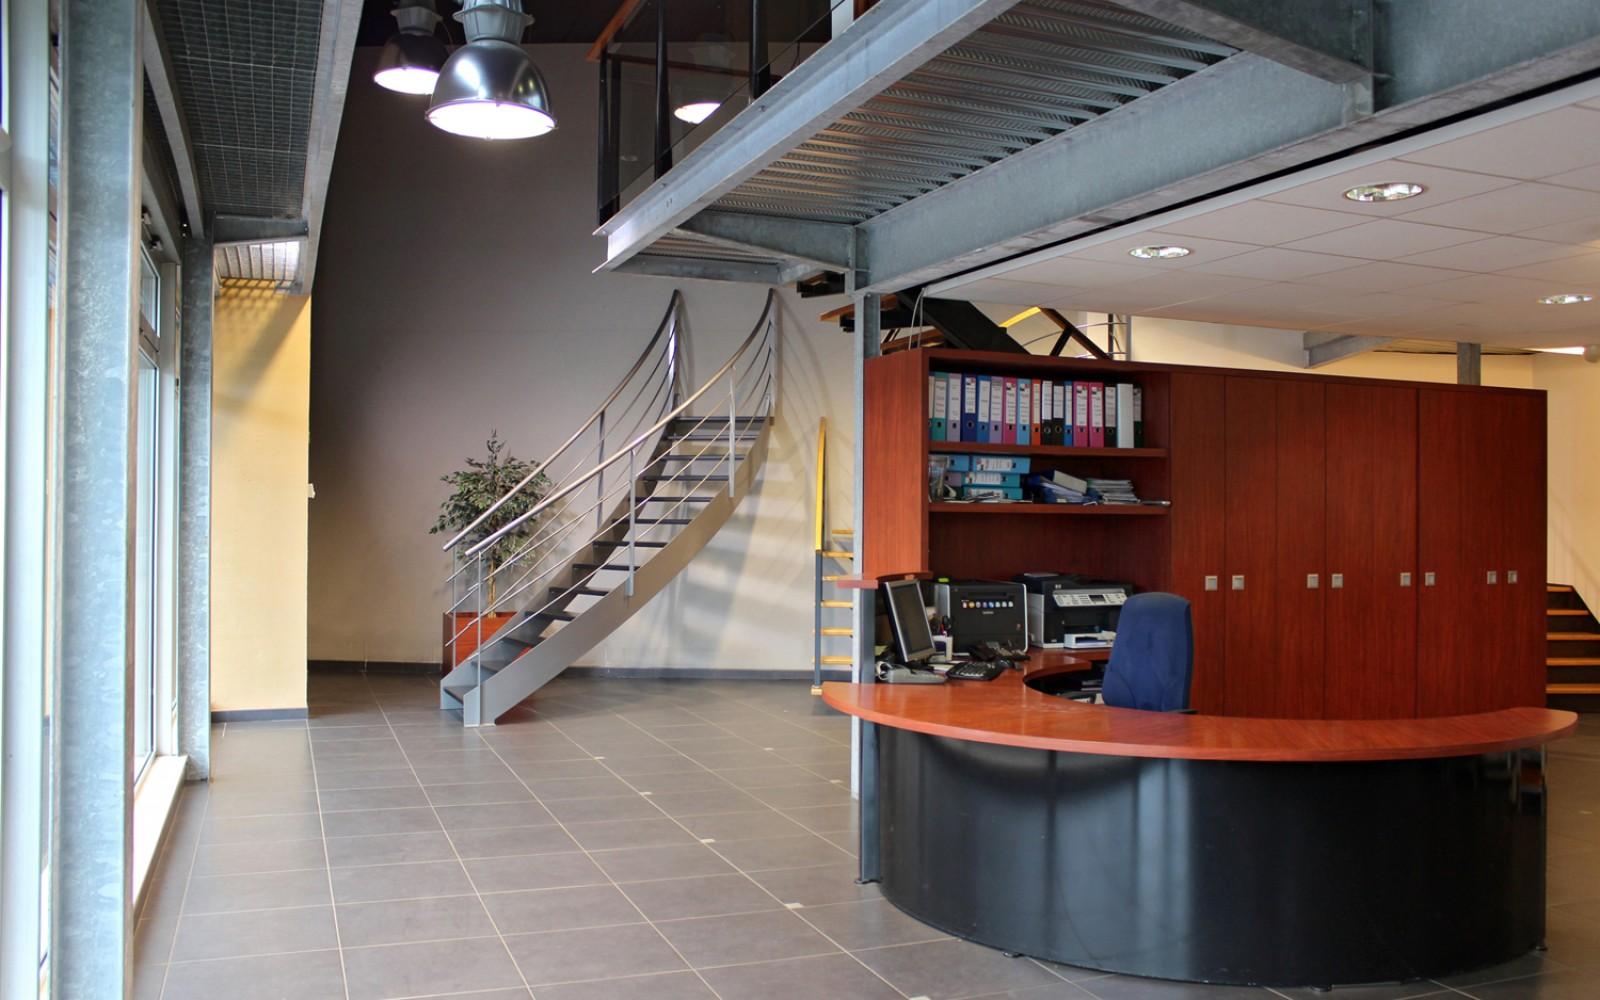 extension-creation-salle-exposition-langueux-interieur-06-01